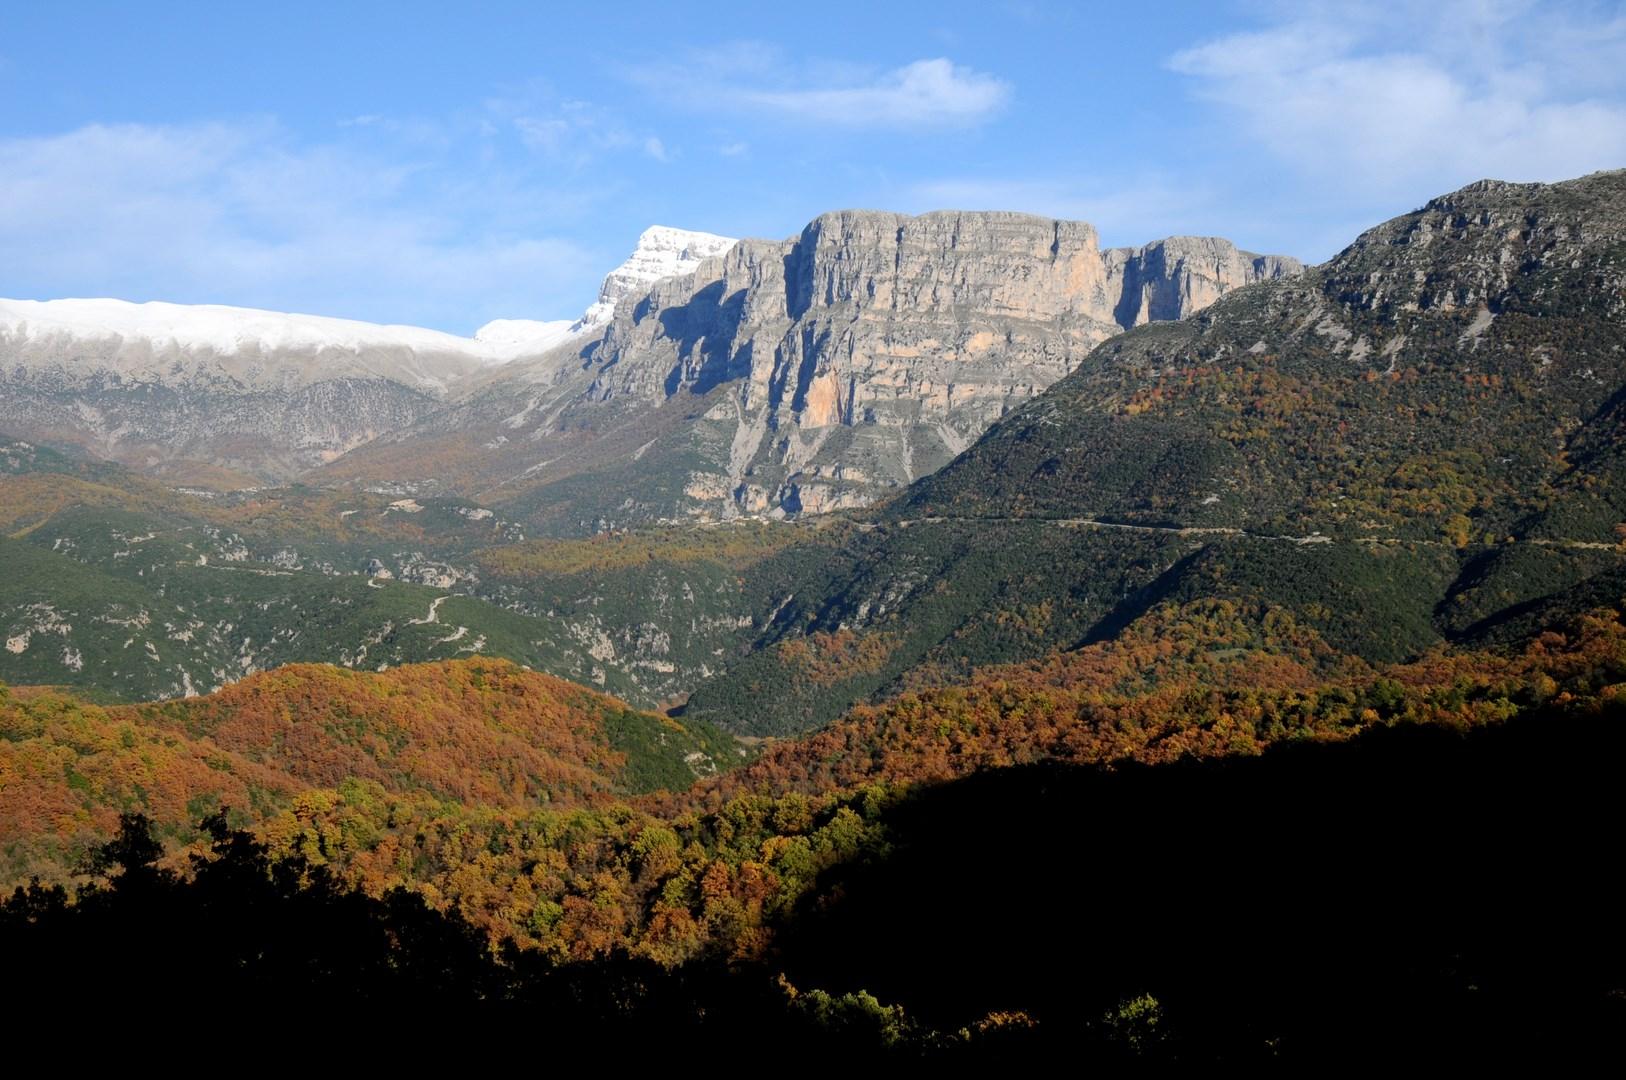 Οι Πύργοι Παπίγκου και η ευρύτερη κοιλάδα του Βοιδομάτη ανάμεσα από τα χωριά Πάπιγκο, Βίκος, Αρίστη, Άγιος Μηνάς και Κλειδωνιά ΧΠ